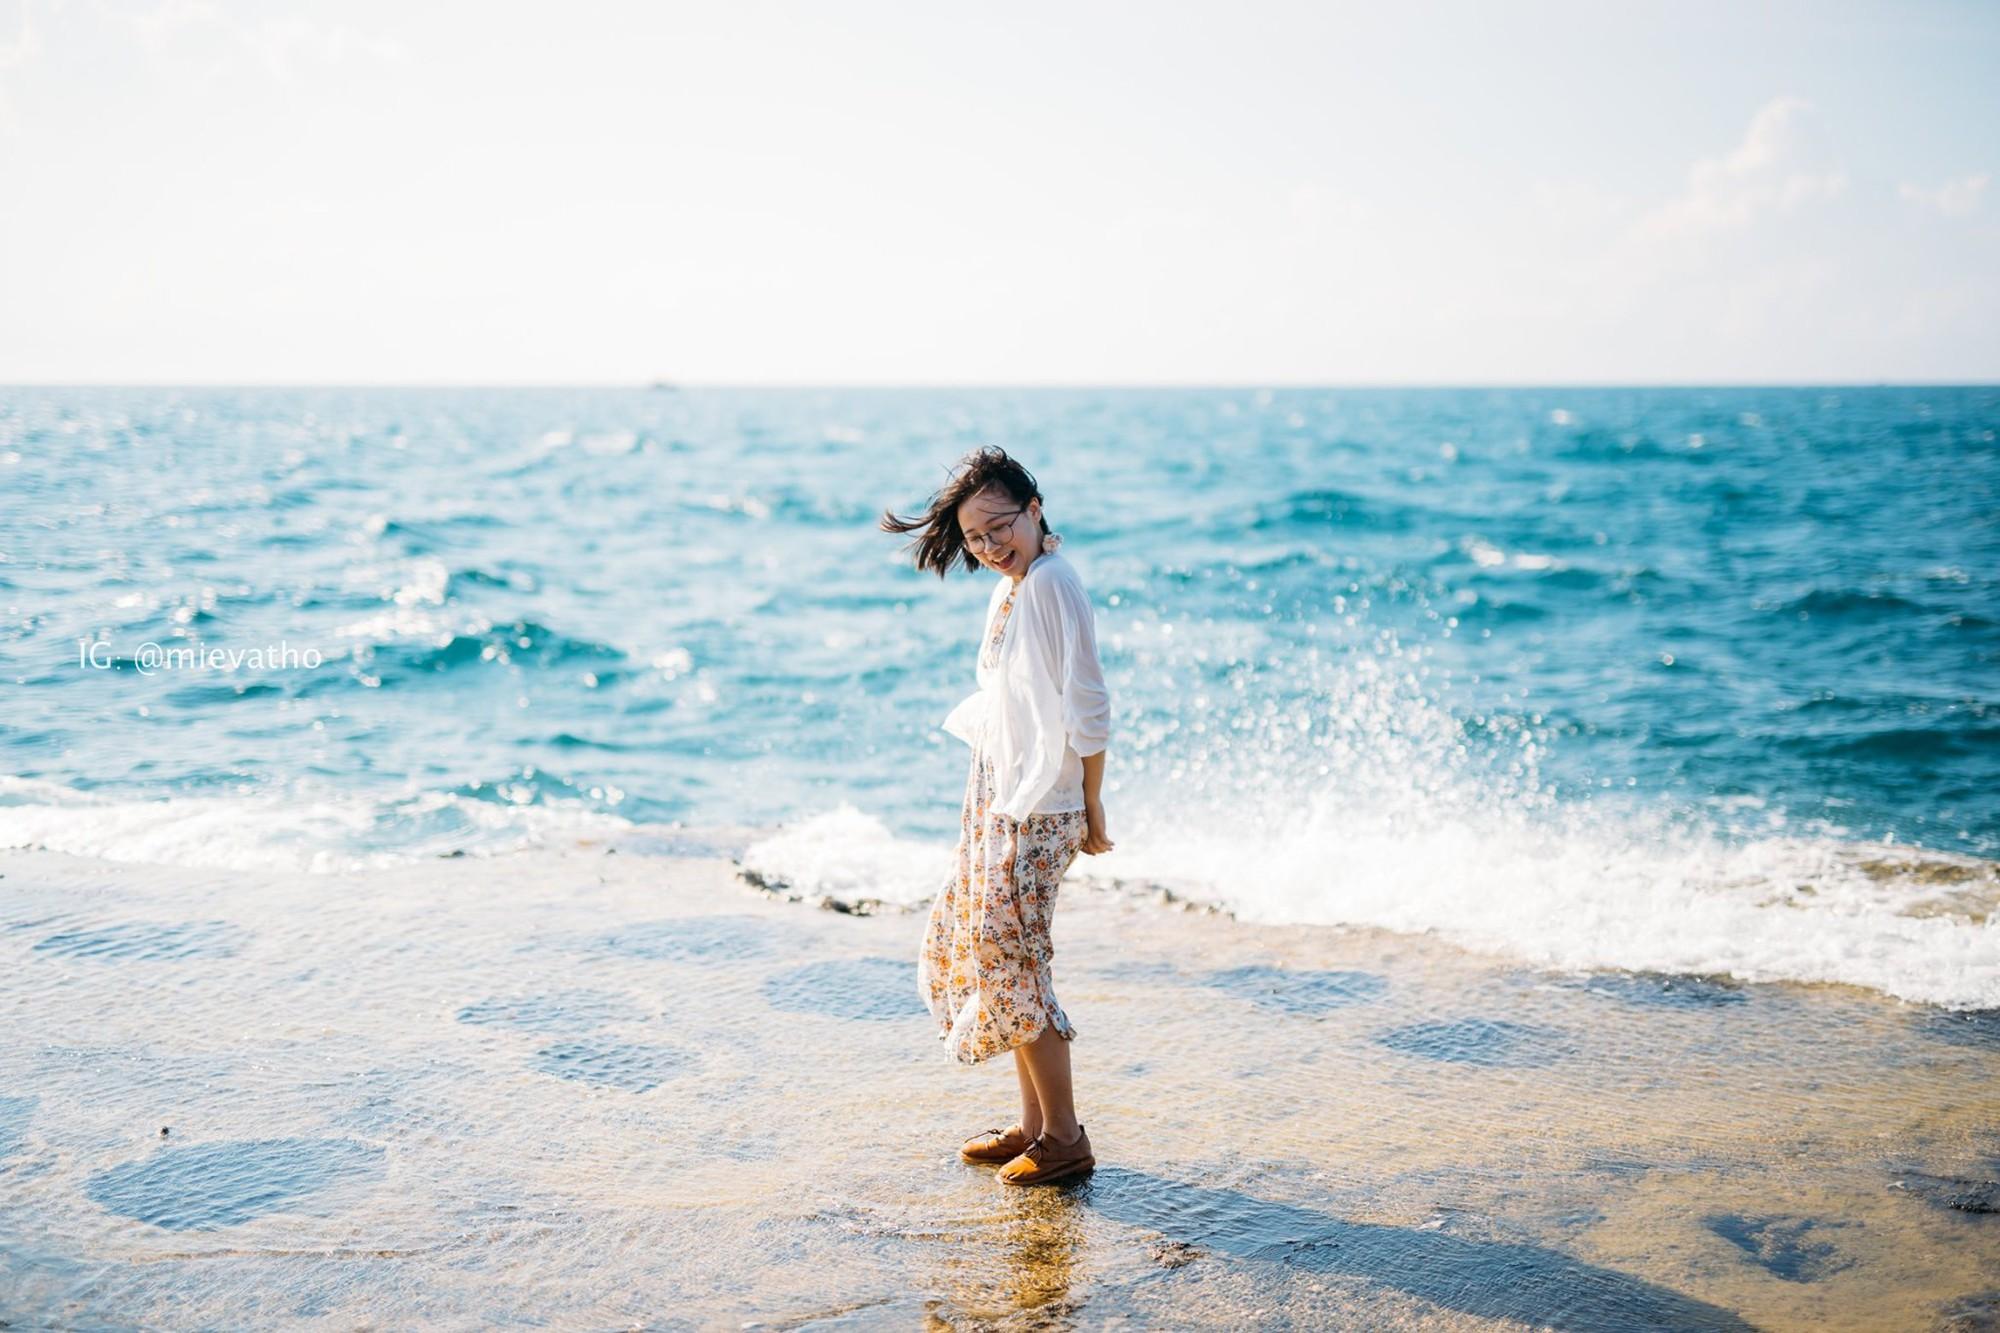 Bộ ảnh du lịch Ninh Thuận của cặp đôi đến từ Hà Nội khiến dân tình thích thú: Mới nhìn thôi đã thấy chill phết! - Ảnh 6.